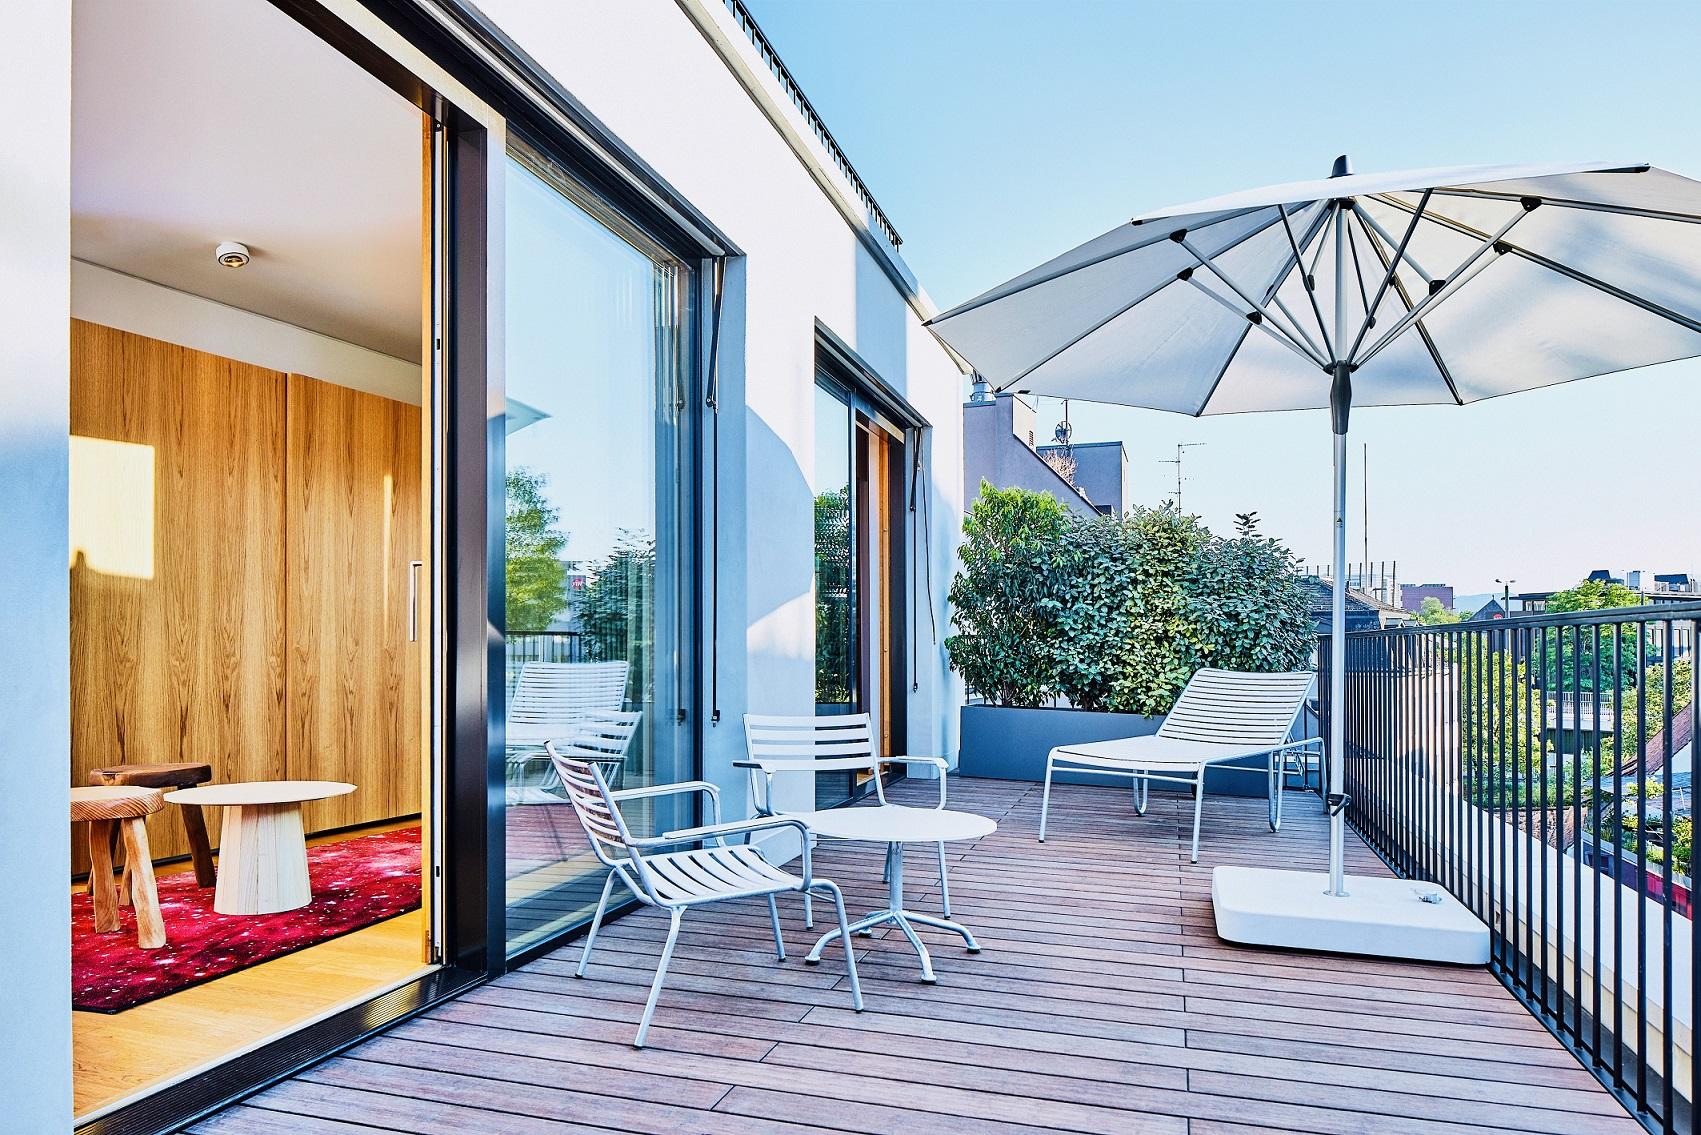 ART HOUSE Basel 7